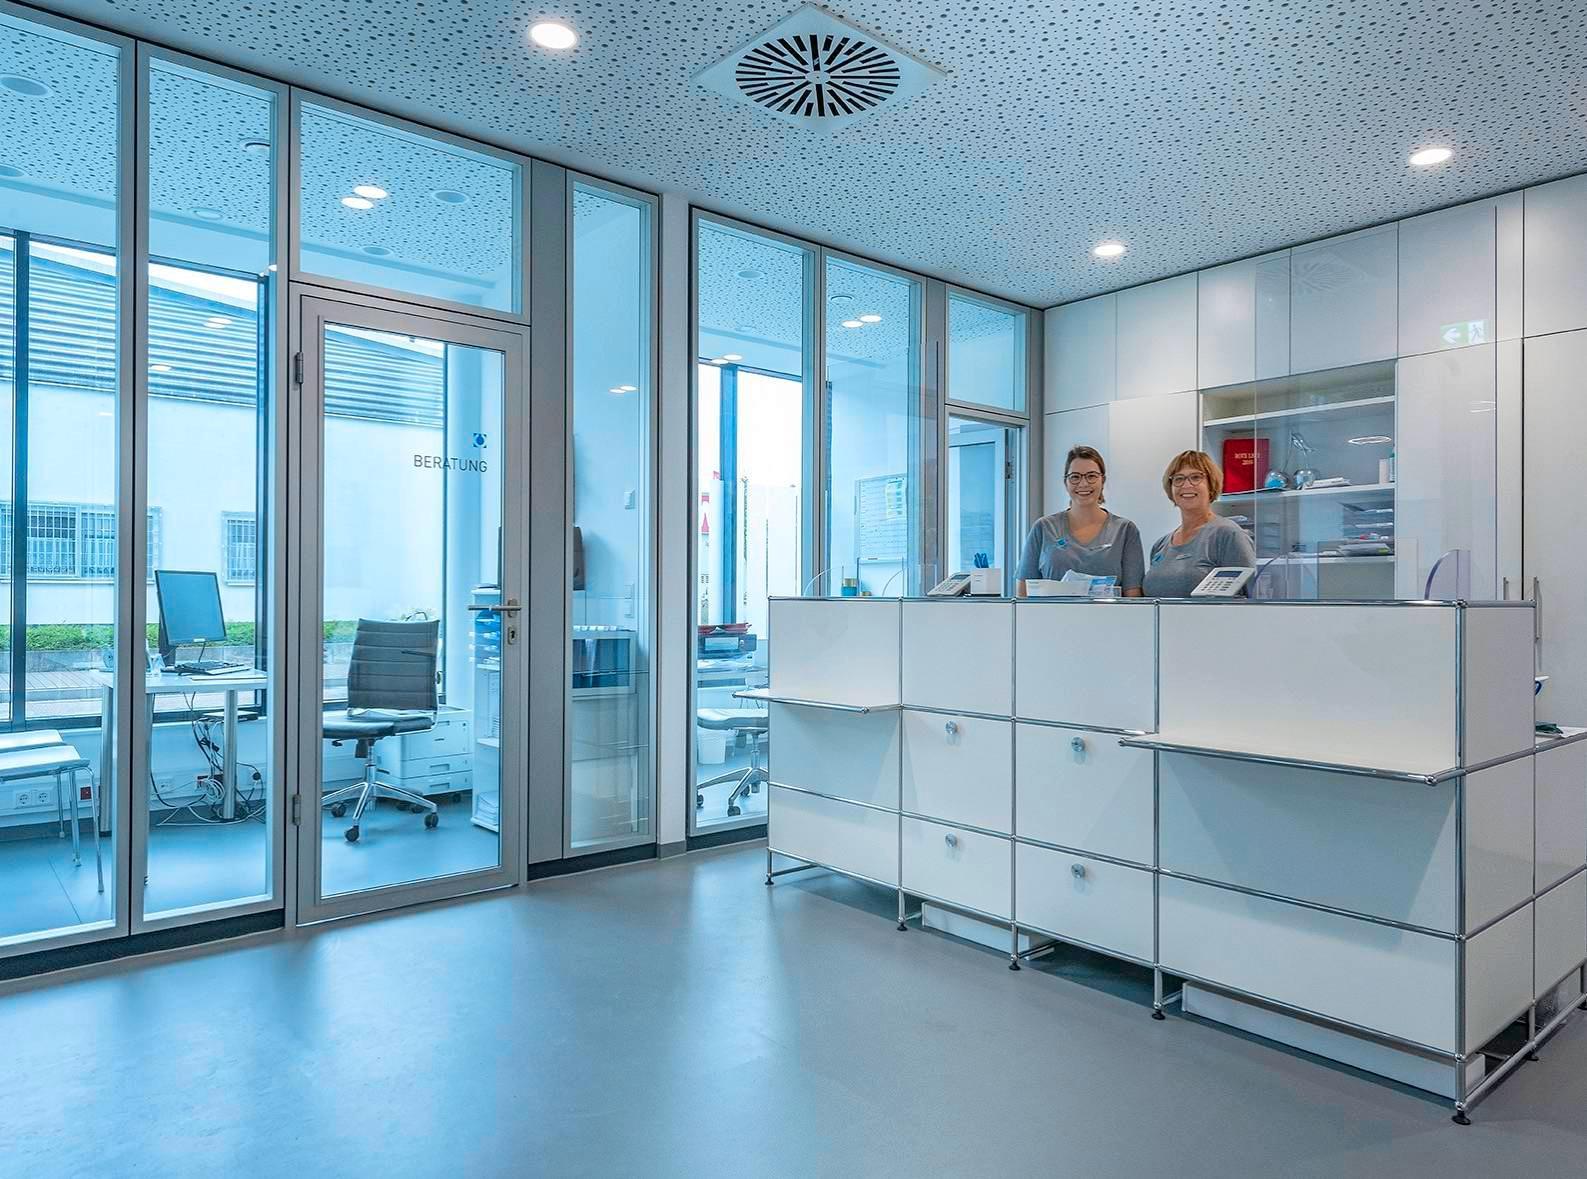 Die neuen Praxisräume in Sinsheim in der Muthstraße 34 sind technisch hochmodern ausgestattet und bieten beste Rahmenbedingungen für minimalinvasive Eingriffe am Auge. Fotos: privat